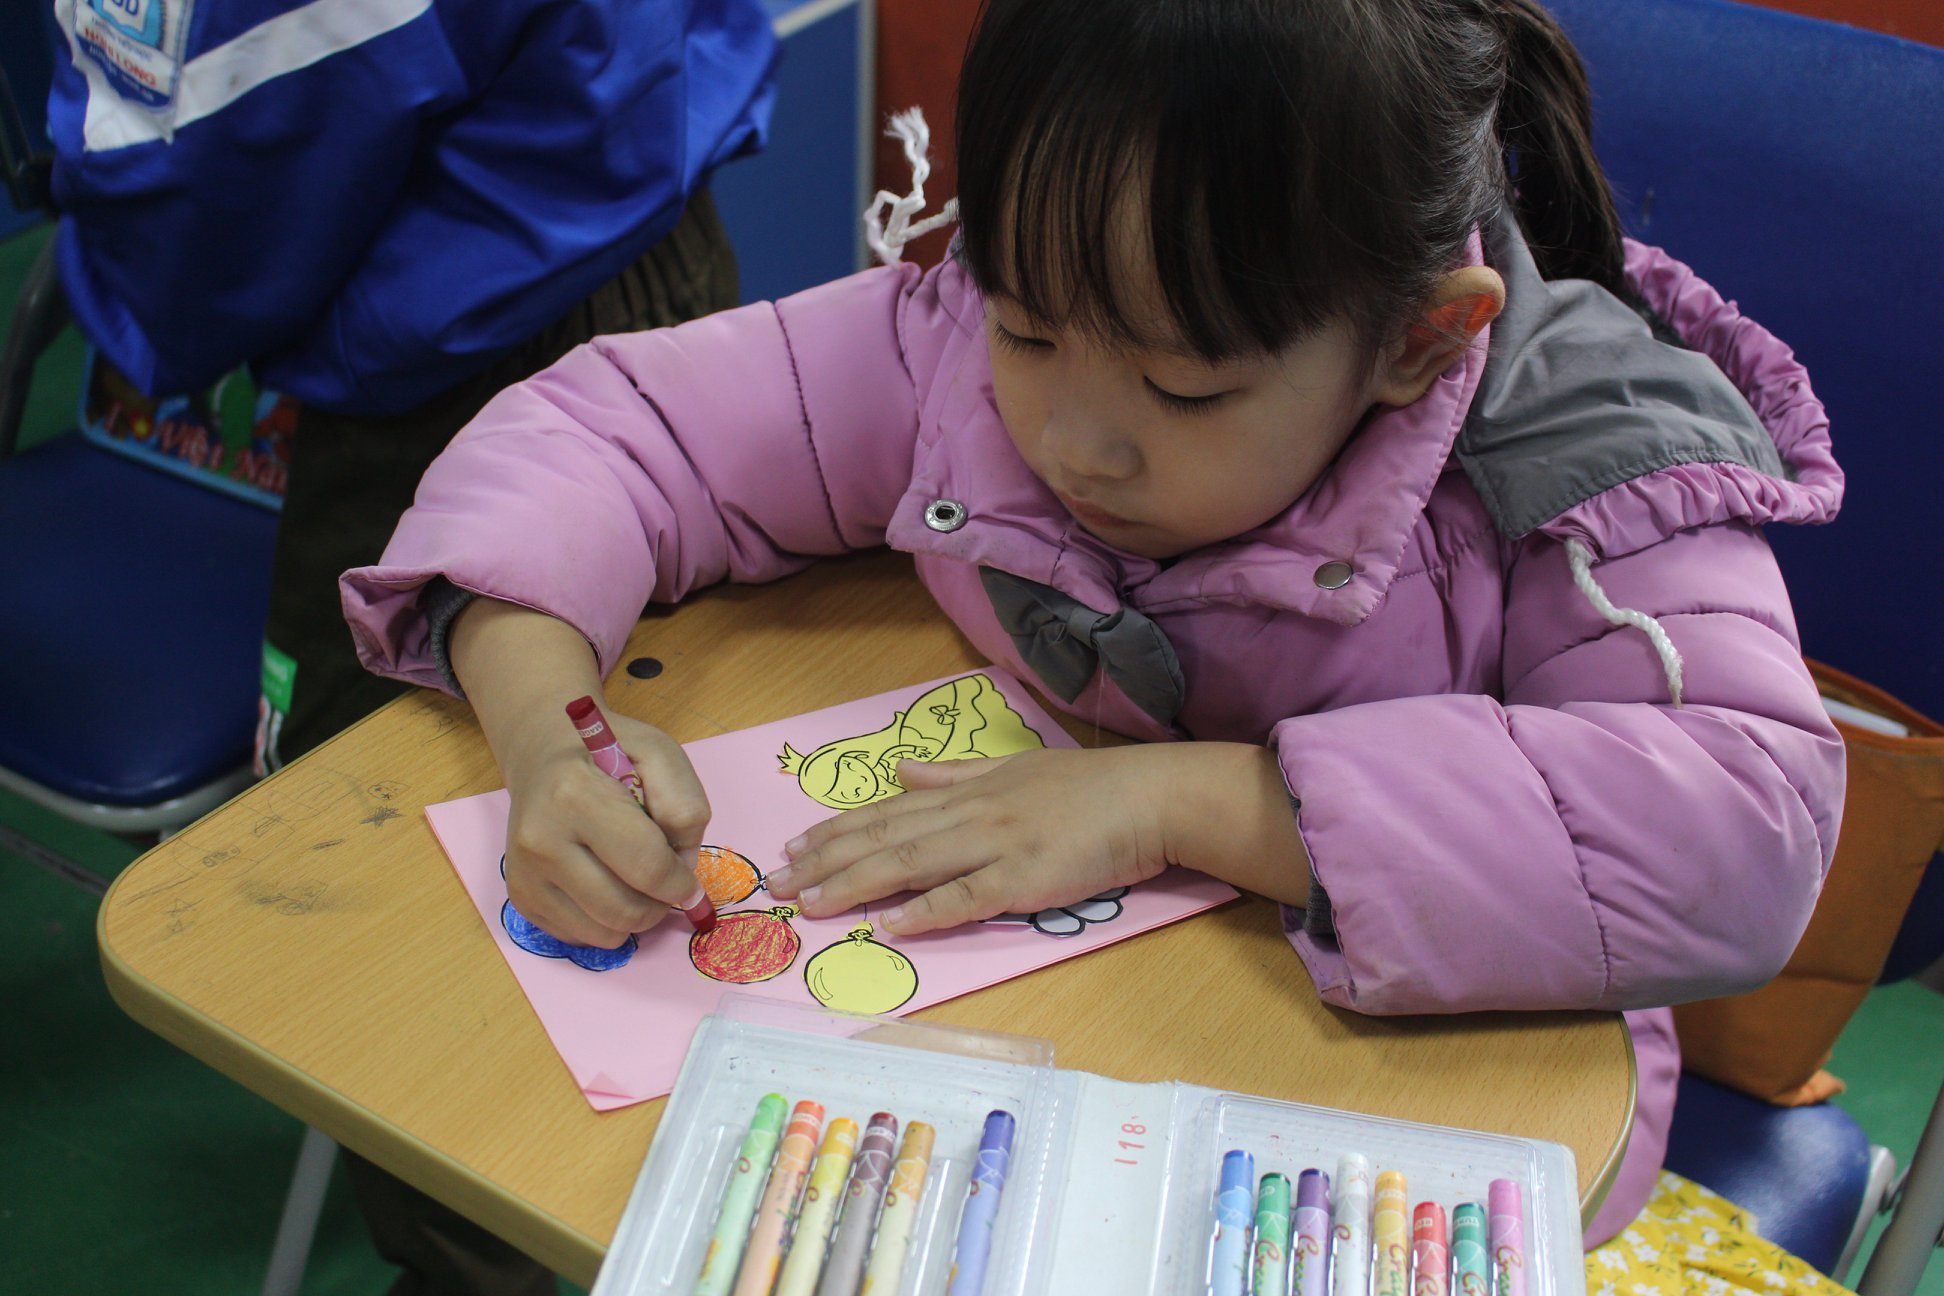 Các kỹ năng tiếng Anh trẻ lớp 1 cần nắm được trong quá trình học tập là gì?